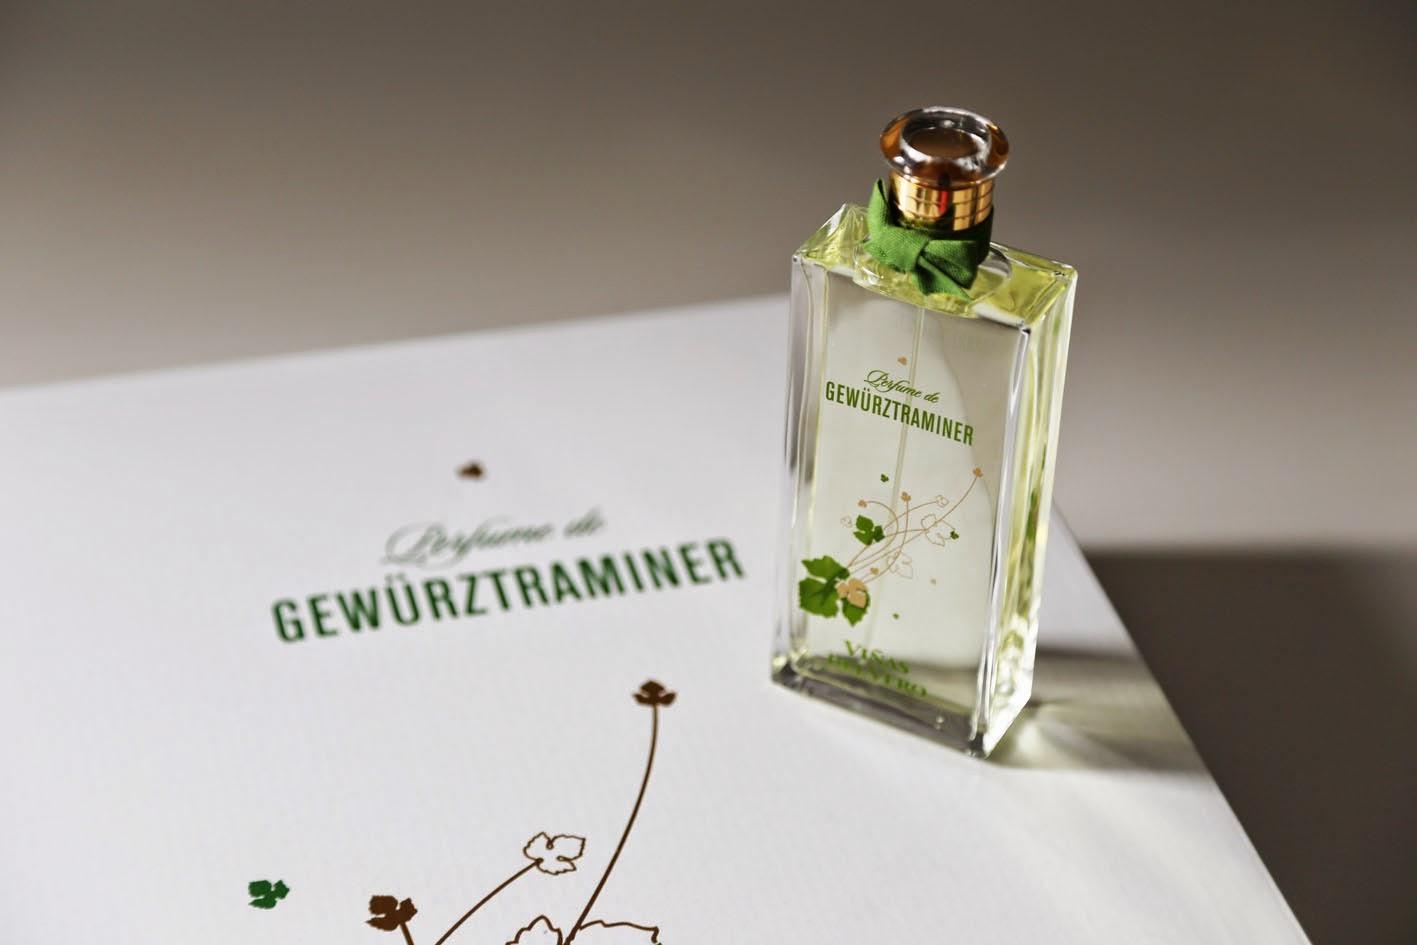 Perfume de Gewürztraminer